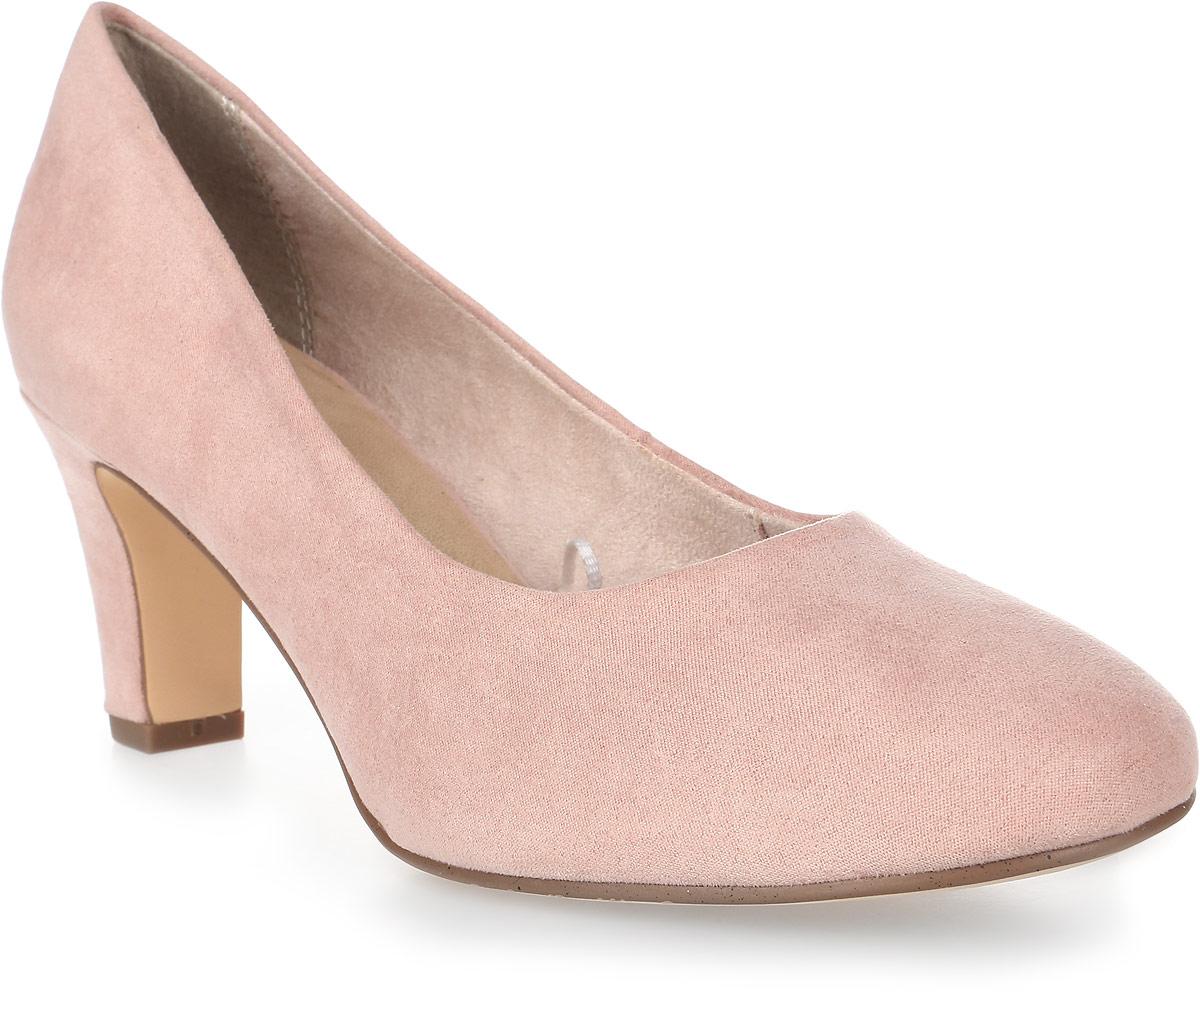 Туфли женские Tamaris, цвет: розовый. 1-1-22436-28-521/225. Размер 411-1-22436-28-521/225Стильные туфли от Tamaris - незаменимая вещь в гардеробе каждой женщины. Модель выполнена из качественного текстиля. Подкладка изготовлена из текстиля, стелька - из искусственной кожи. Невысокий каблук устойчив. Роскошные туфли помогут вам создать элегантный образ.